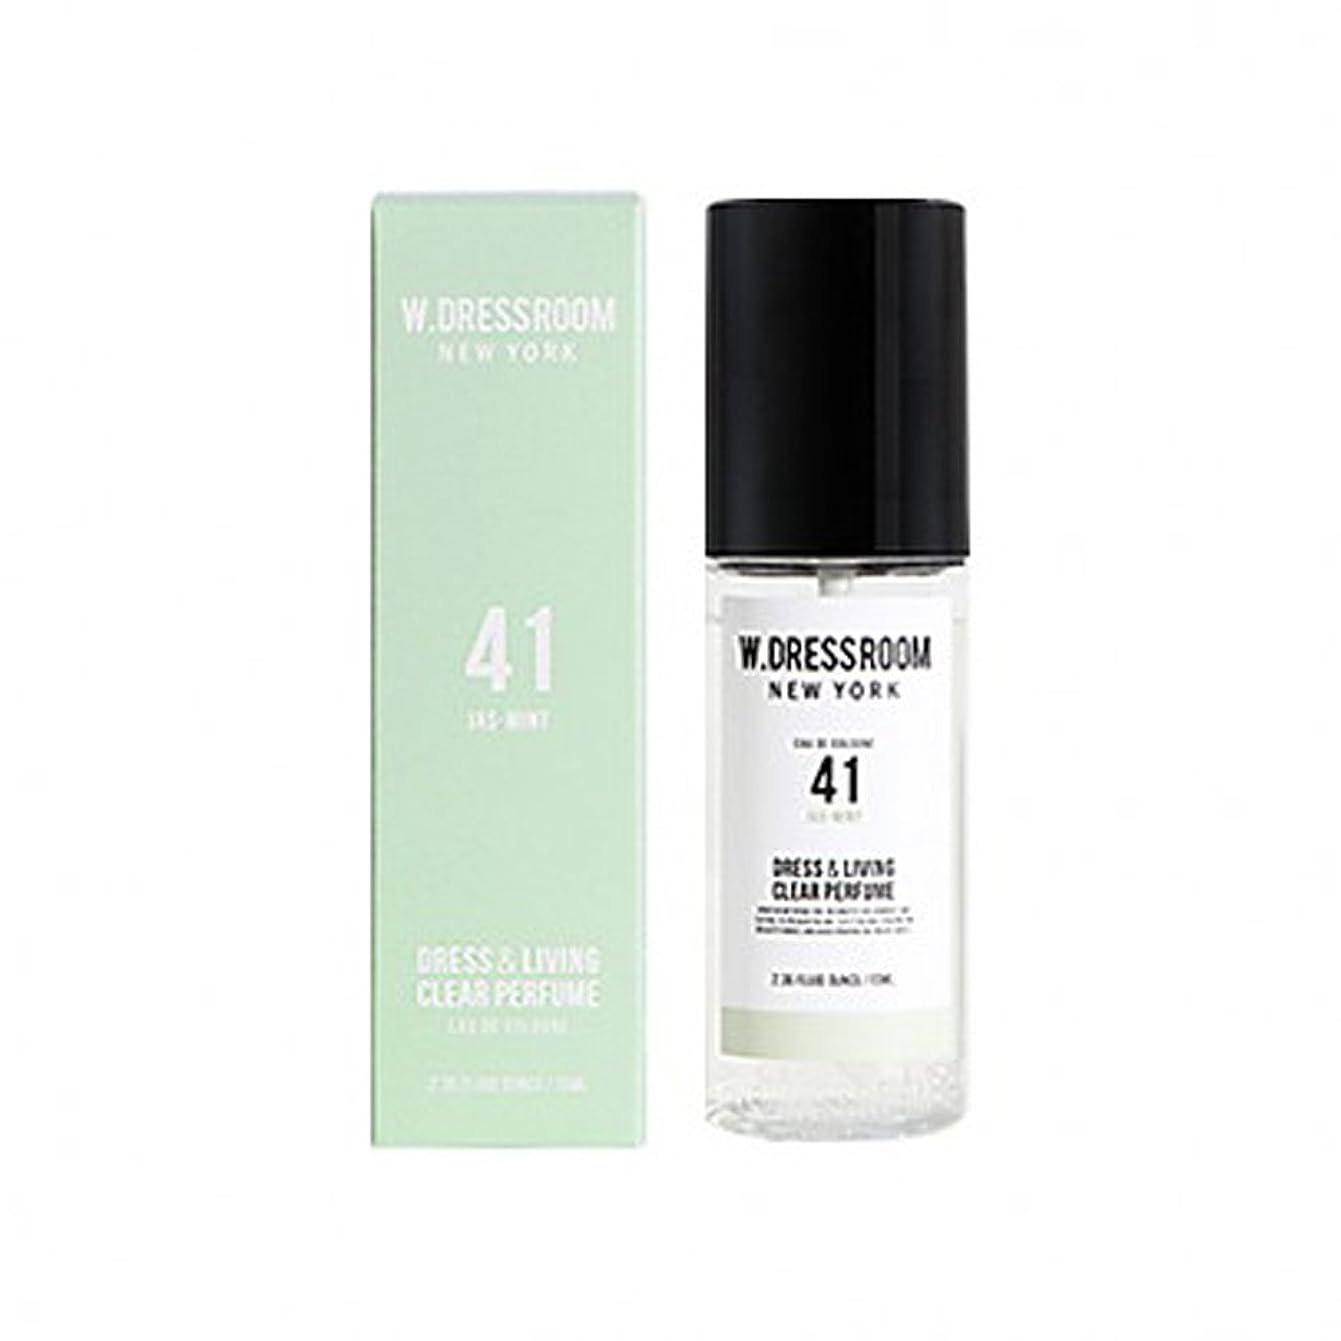 存在する常に取り戻すW.DRESSROOM Dress & Living Clear Perfume fragrance 70ml (#No.41 Jas-Mint)/ダブルドレスルーム ドレス&リビング クリア パフューム 70ml (#No.41 Jas-Mint)